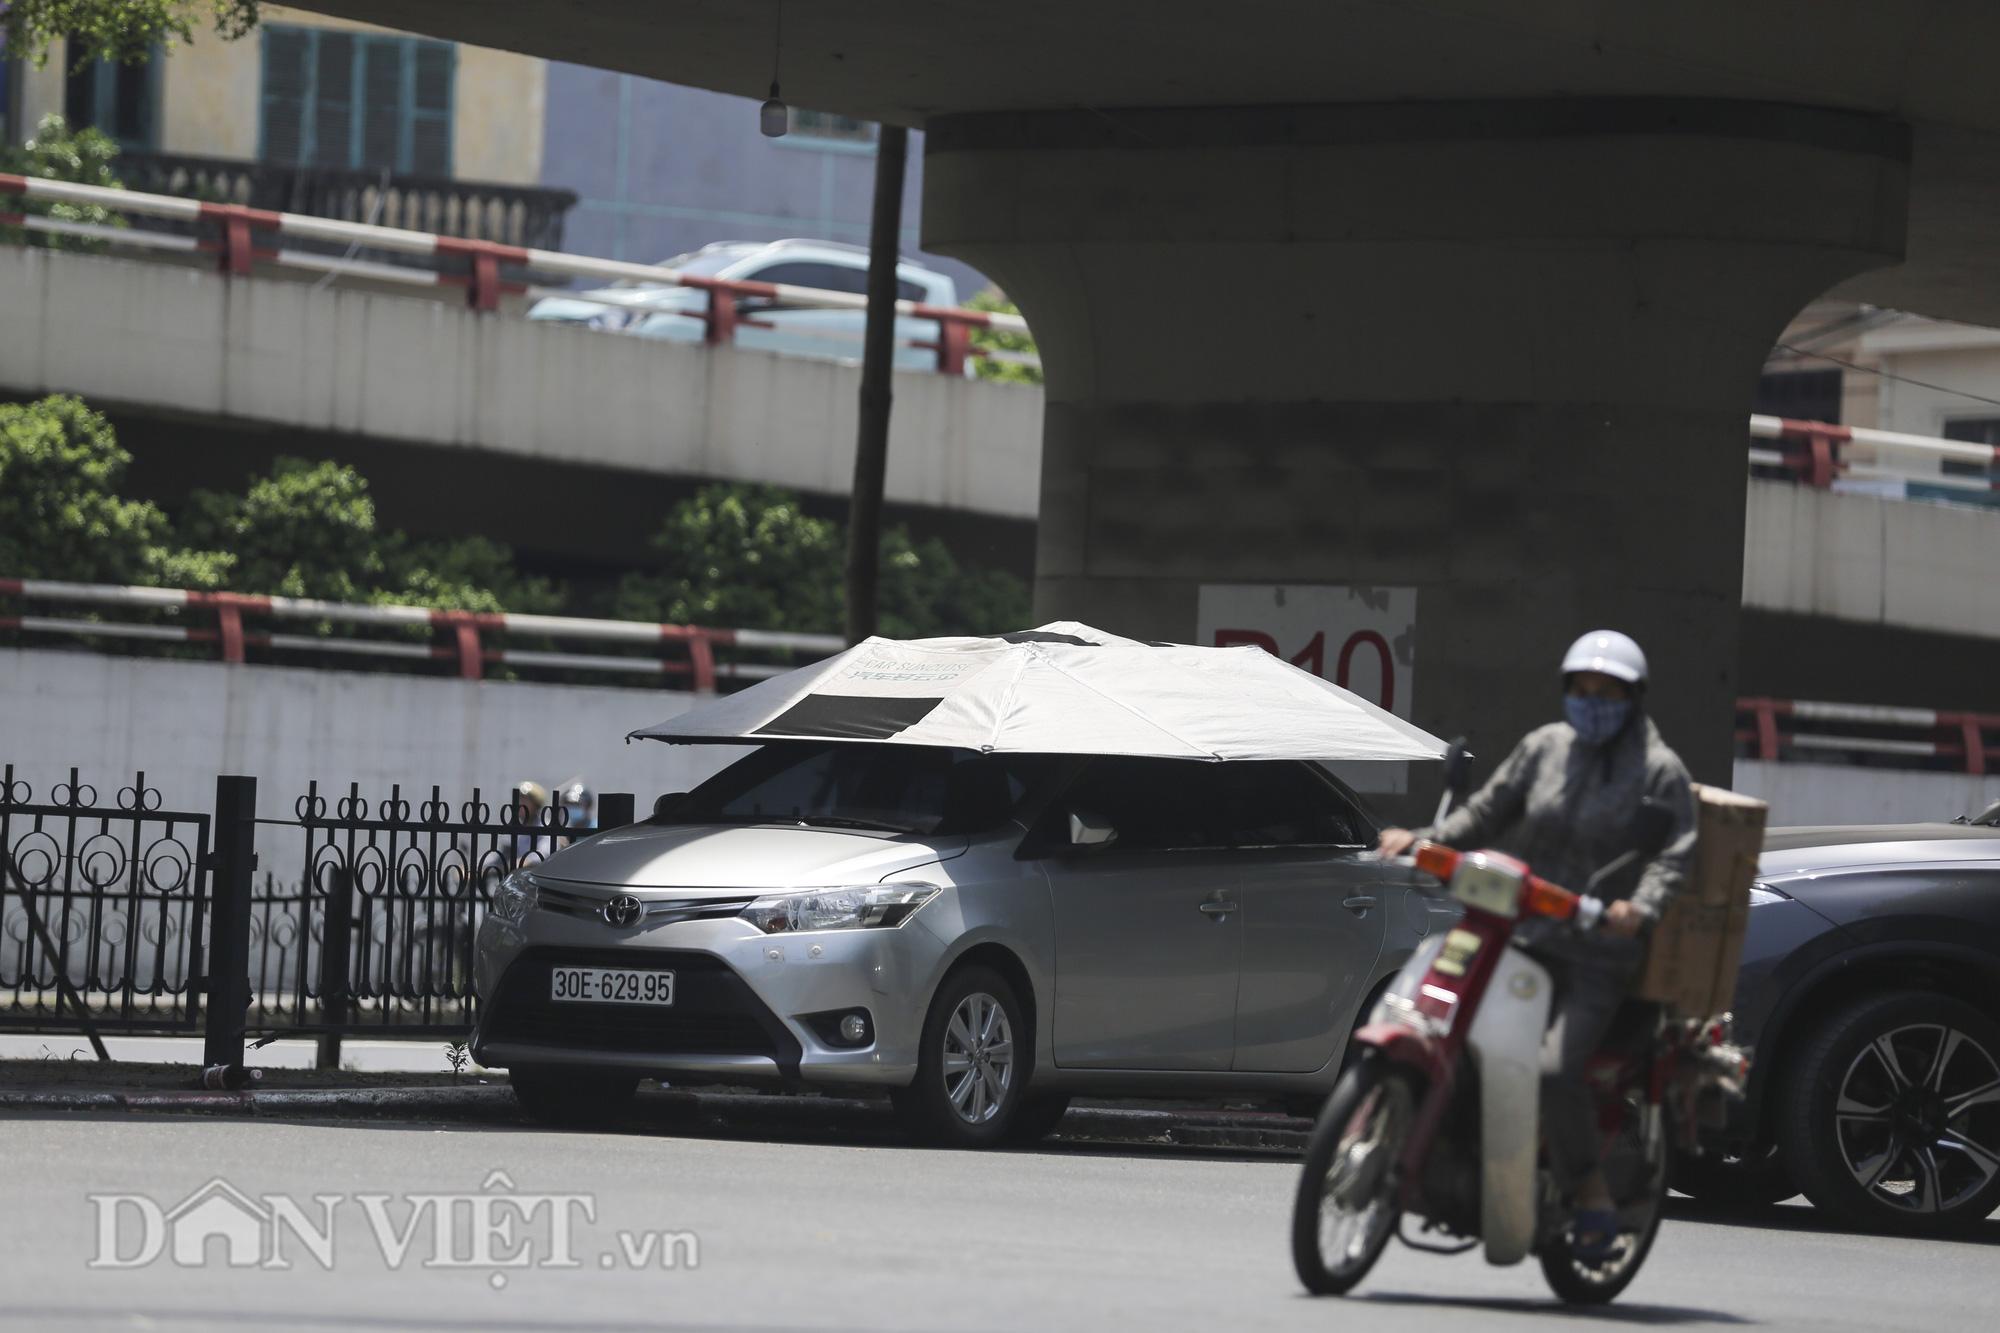 Những chiếc ô che nắng dành cho ô tô có giá trên 1 triệu đồng được người dân ưa chuộng sử dụng.